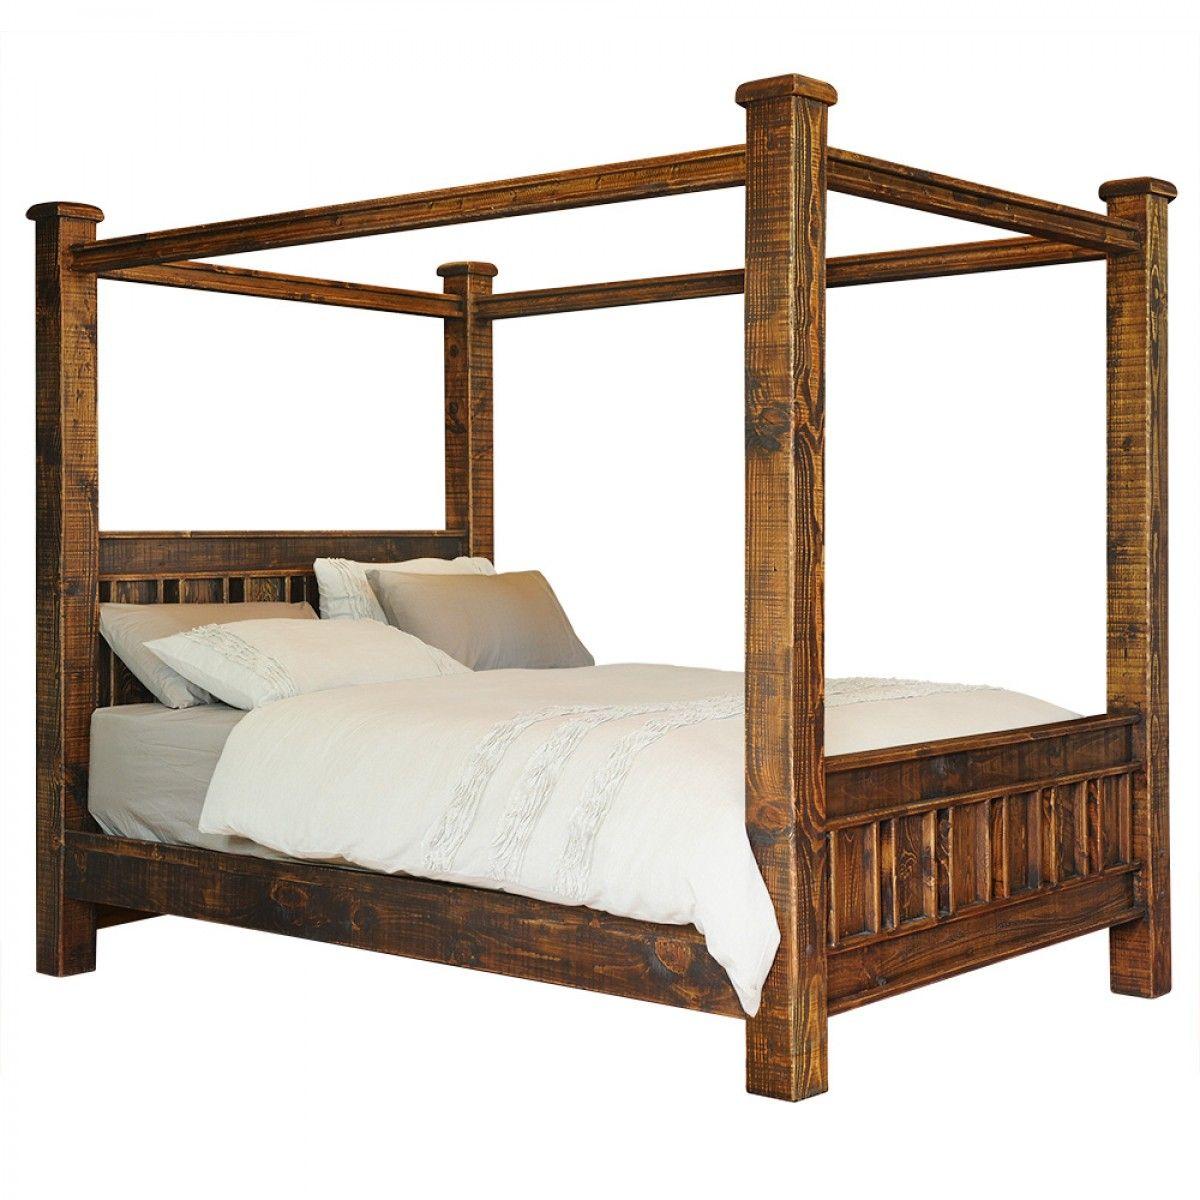 Settler Bedroom Furniture Buy Online Early Settler Reclaimed Four Poster Pine Bed